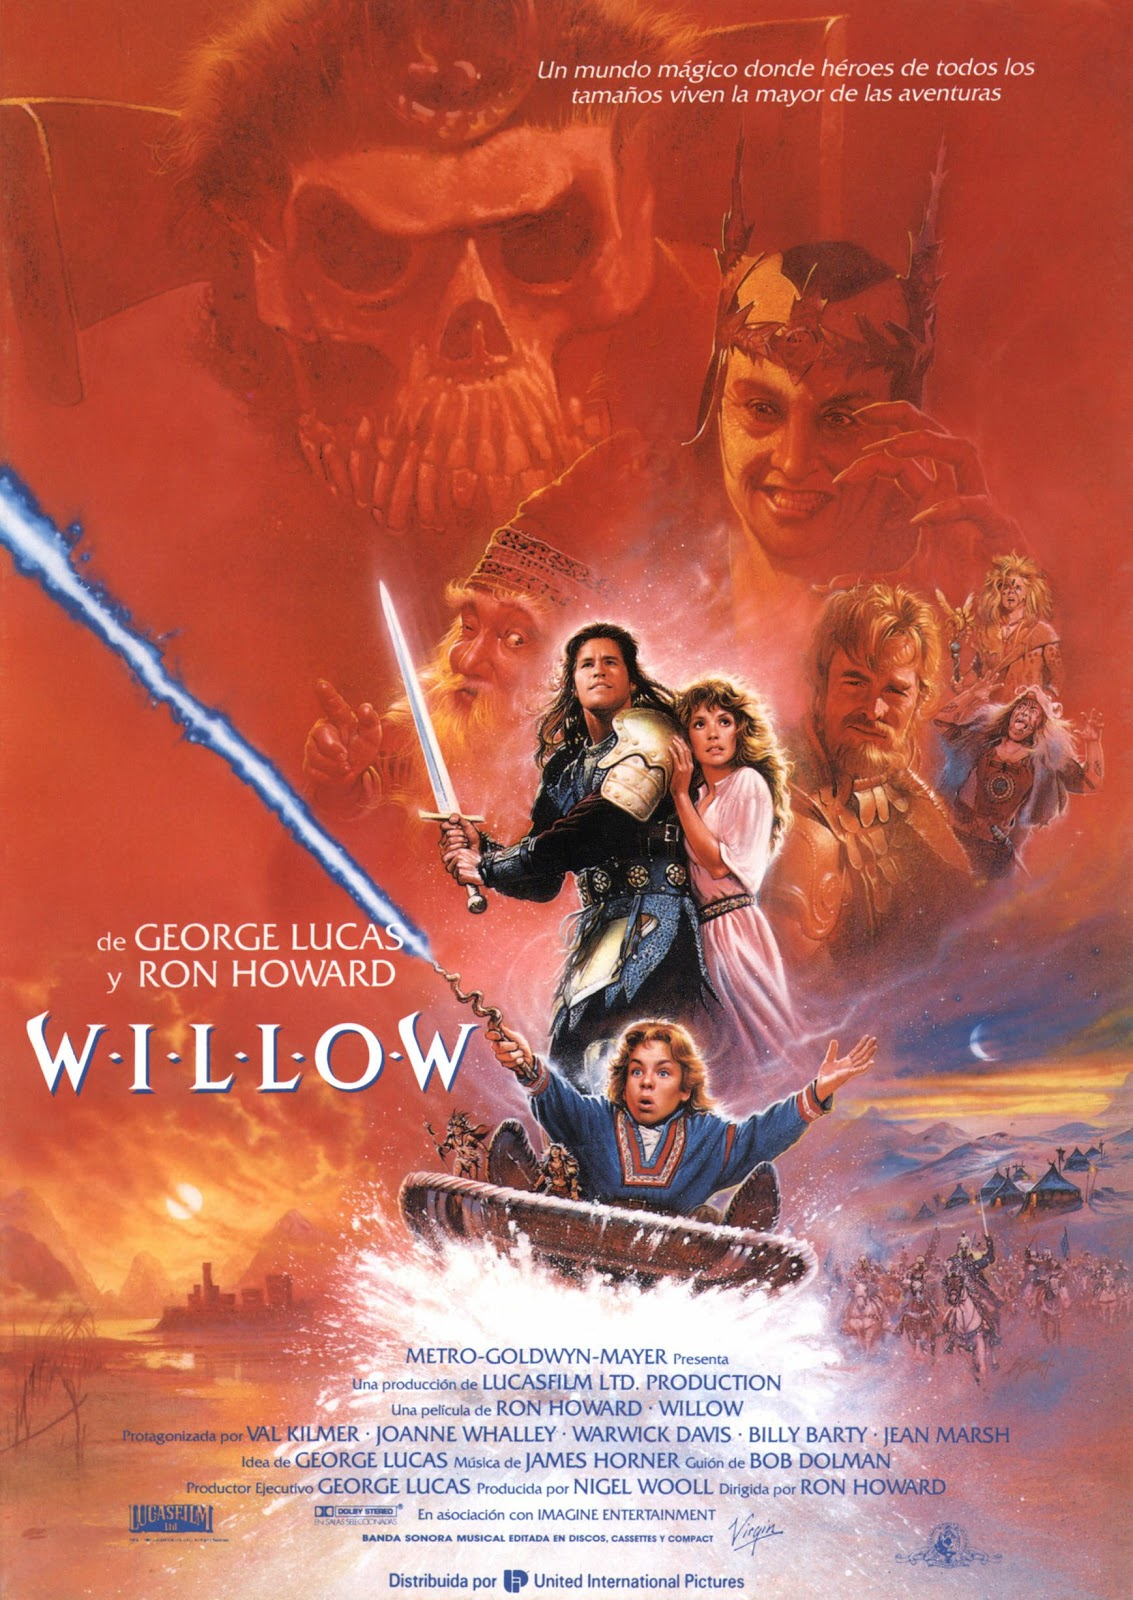 http://2.bp.blogspot.com/-he8epaZBD68/ULDlSFXWQkI/AAAAAAAACeE/z3a86DjuSoU/s1600/1988+Willow+(esp).jpg